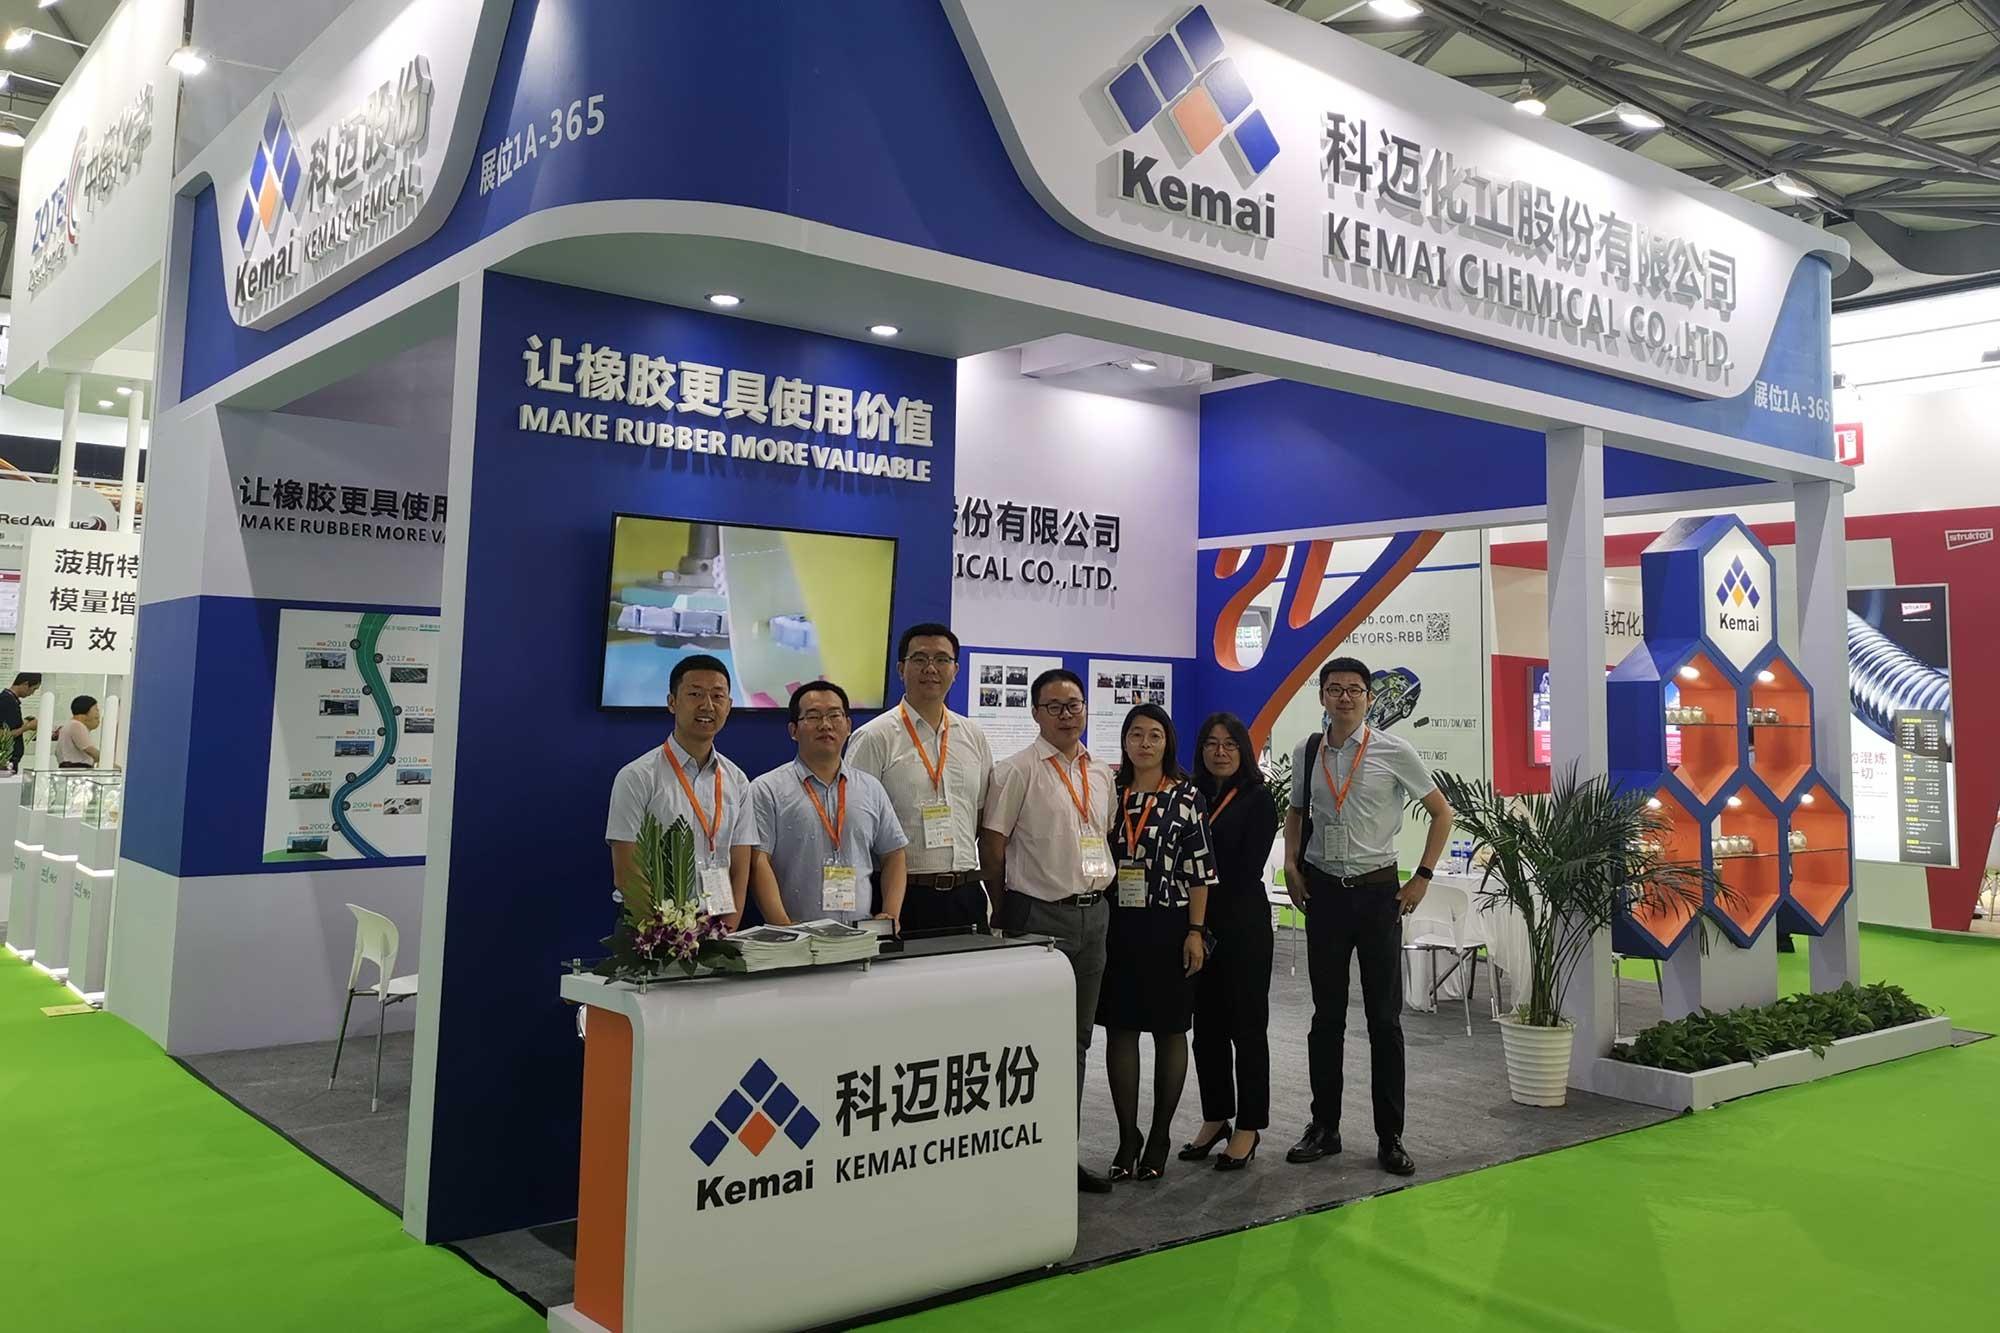 科邁股份出席RubberTech2019中國國際橡膠技術展覽會